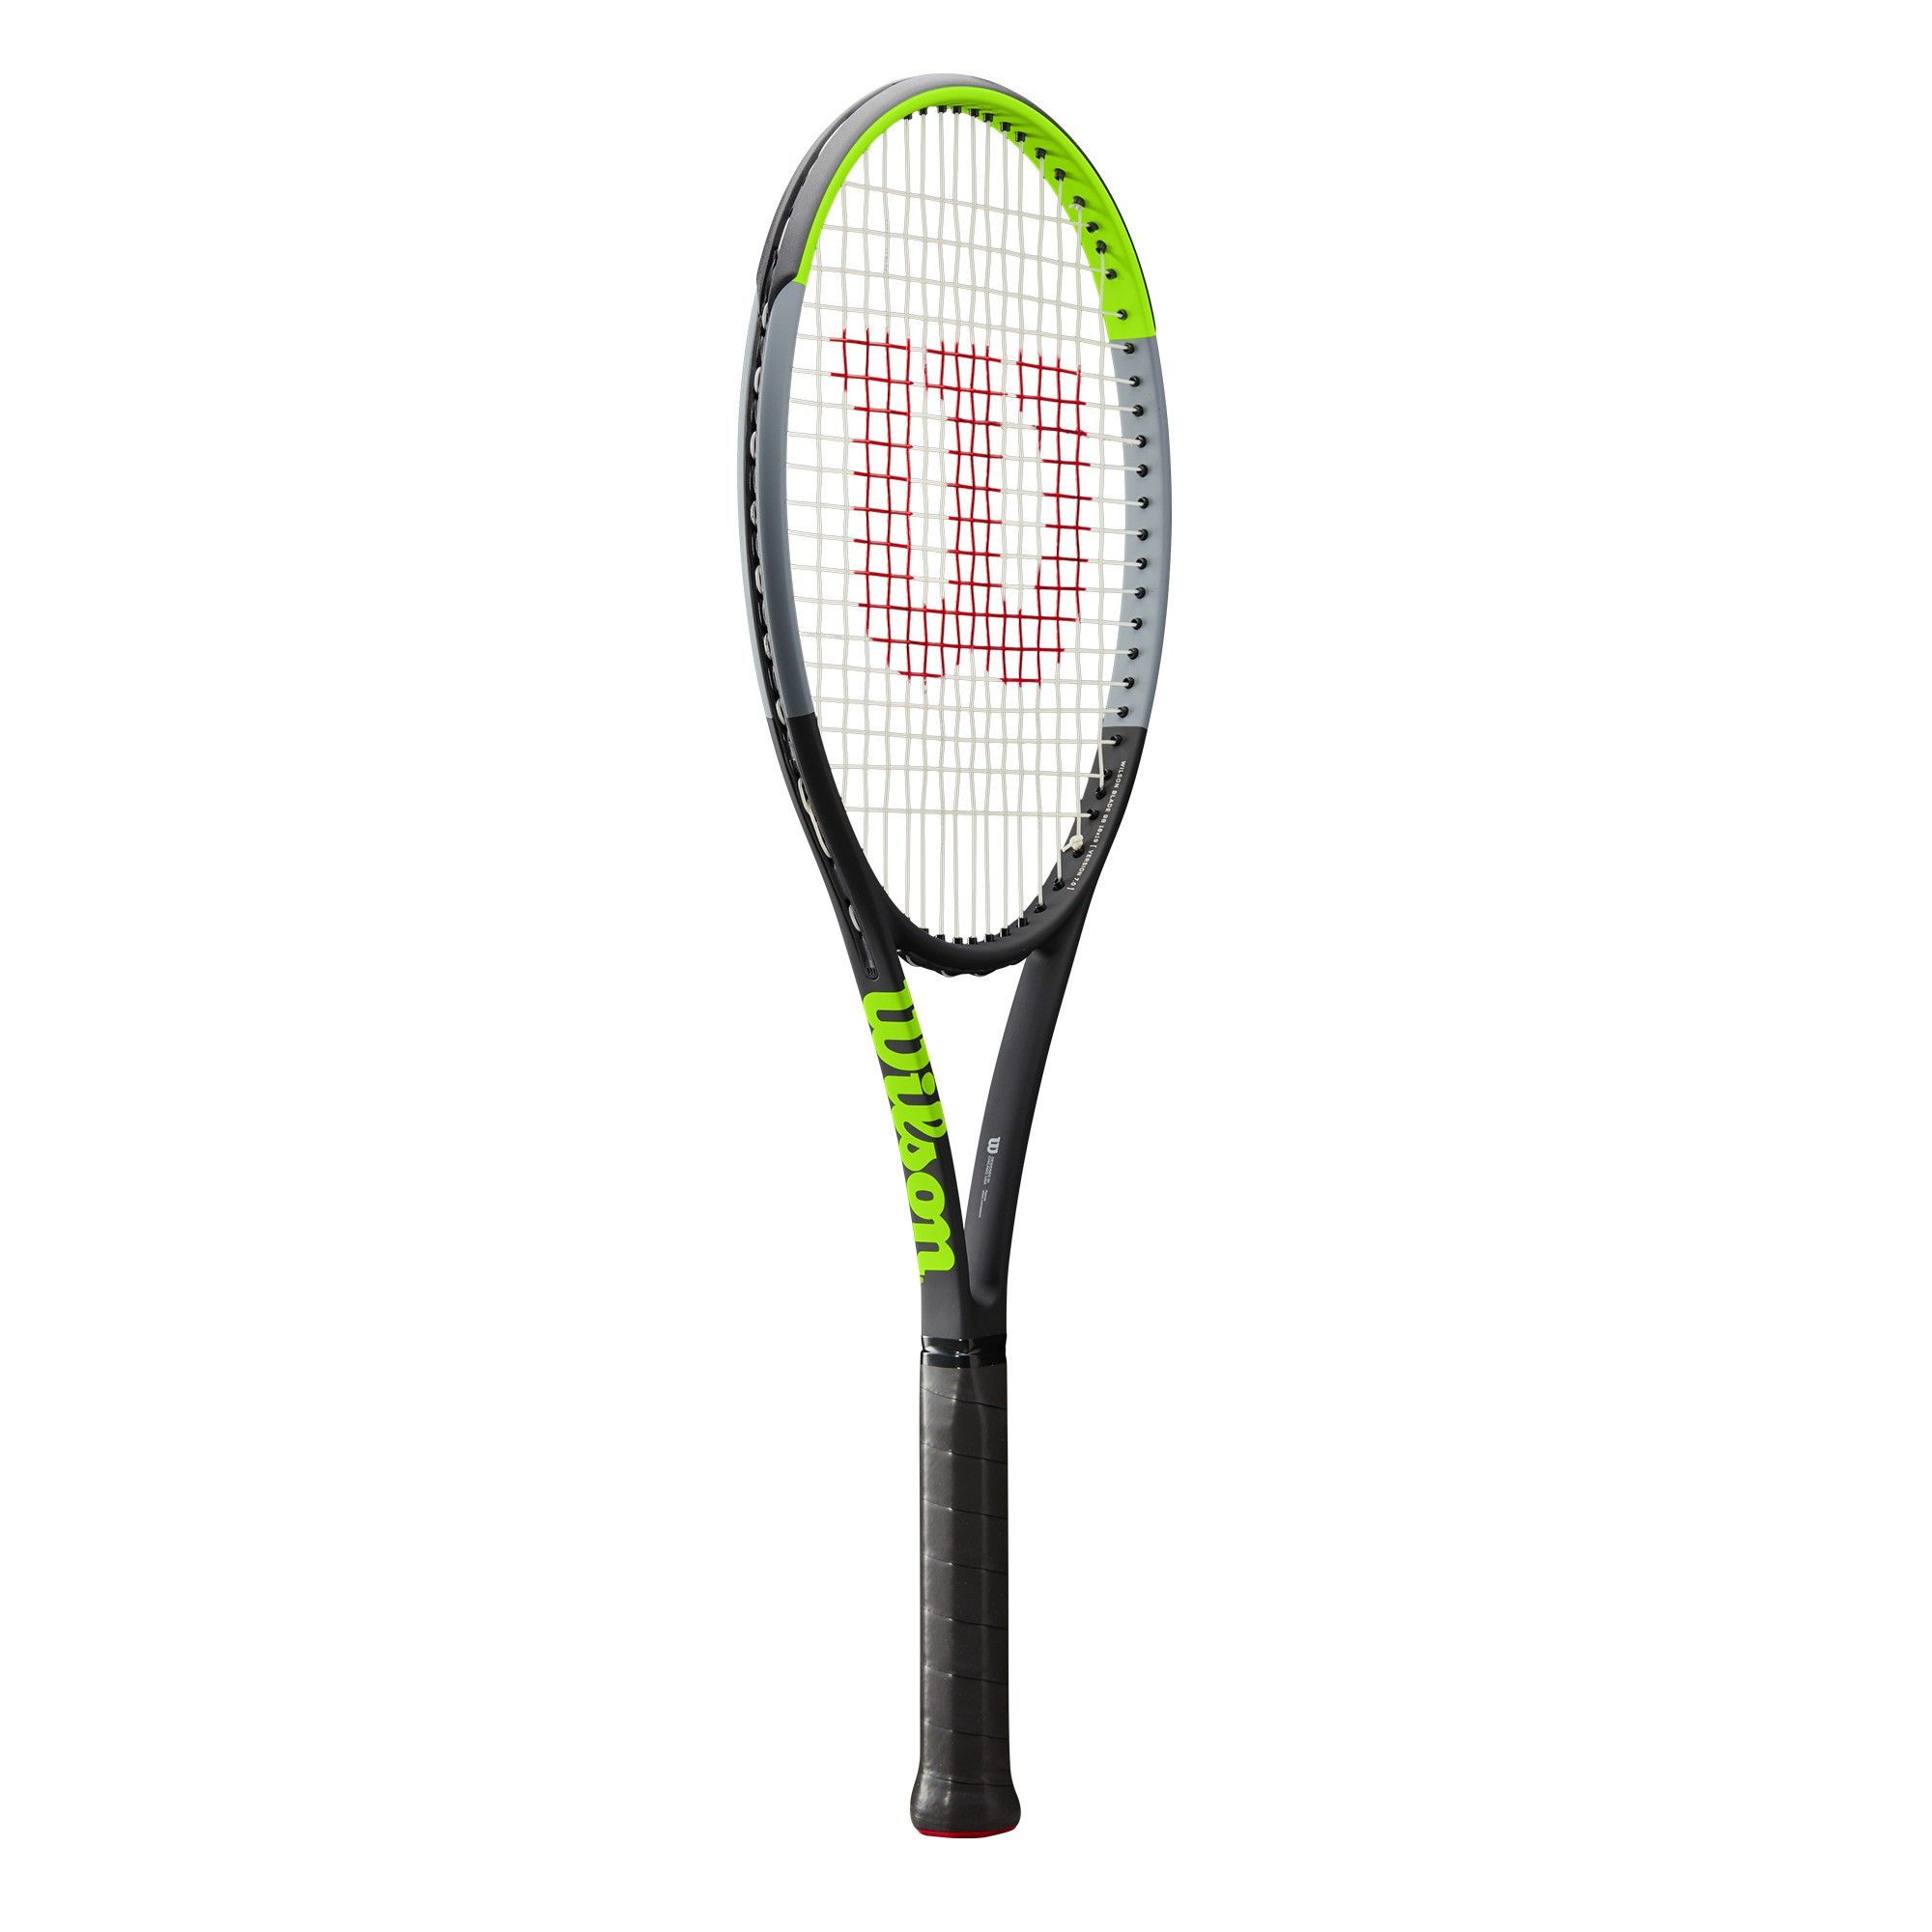 Raquete de Tênis Wilson Blade 98 V7 16X19